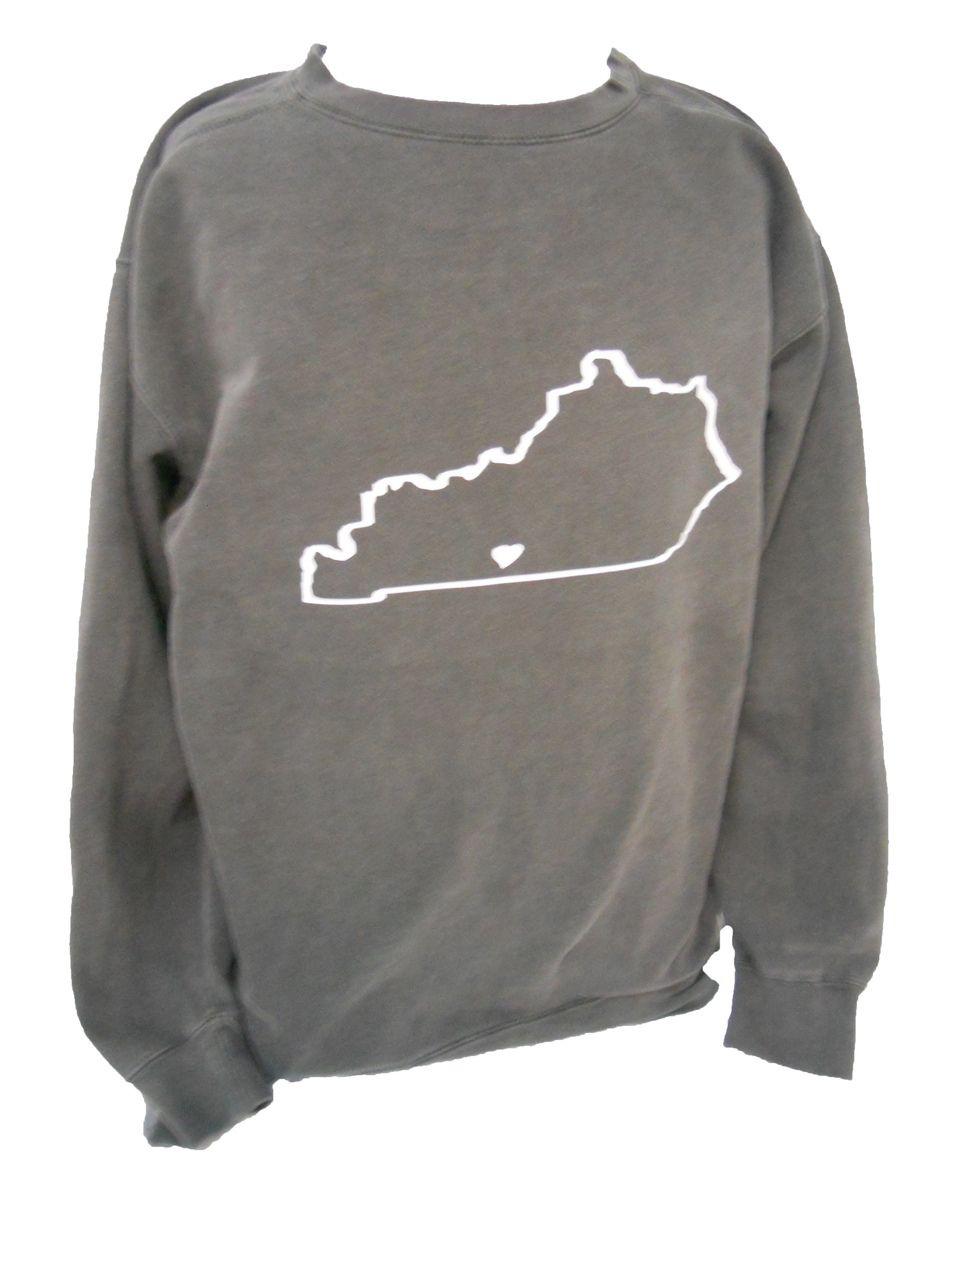 Comfort Colors Crewneck Sweatshirt With State Outline Gonegreek Yes Yes Yes Comfort Colors Crew Neck Sweatshirt People Clothes [ 1280 x 960 Pixel ]